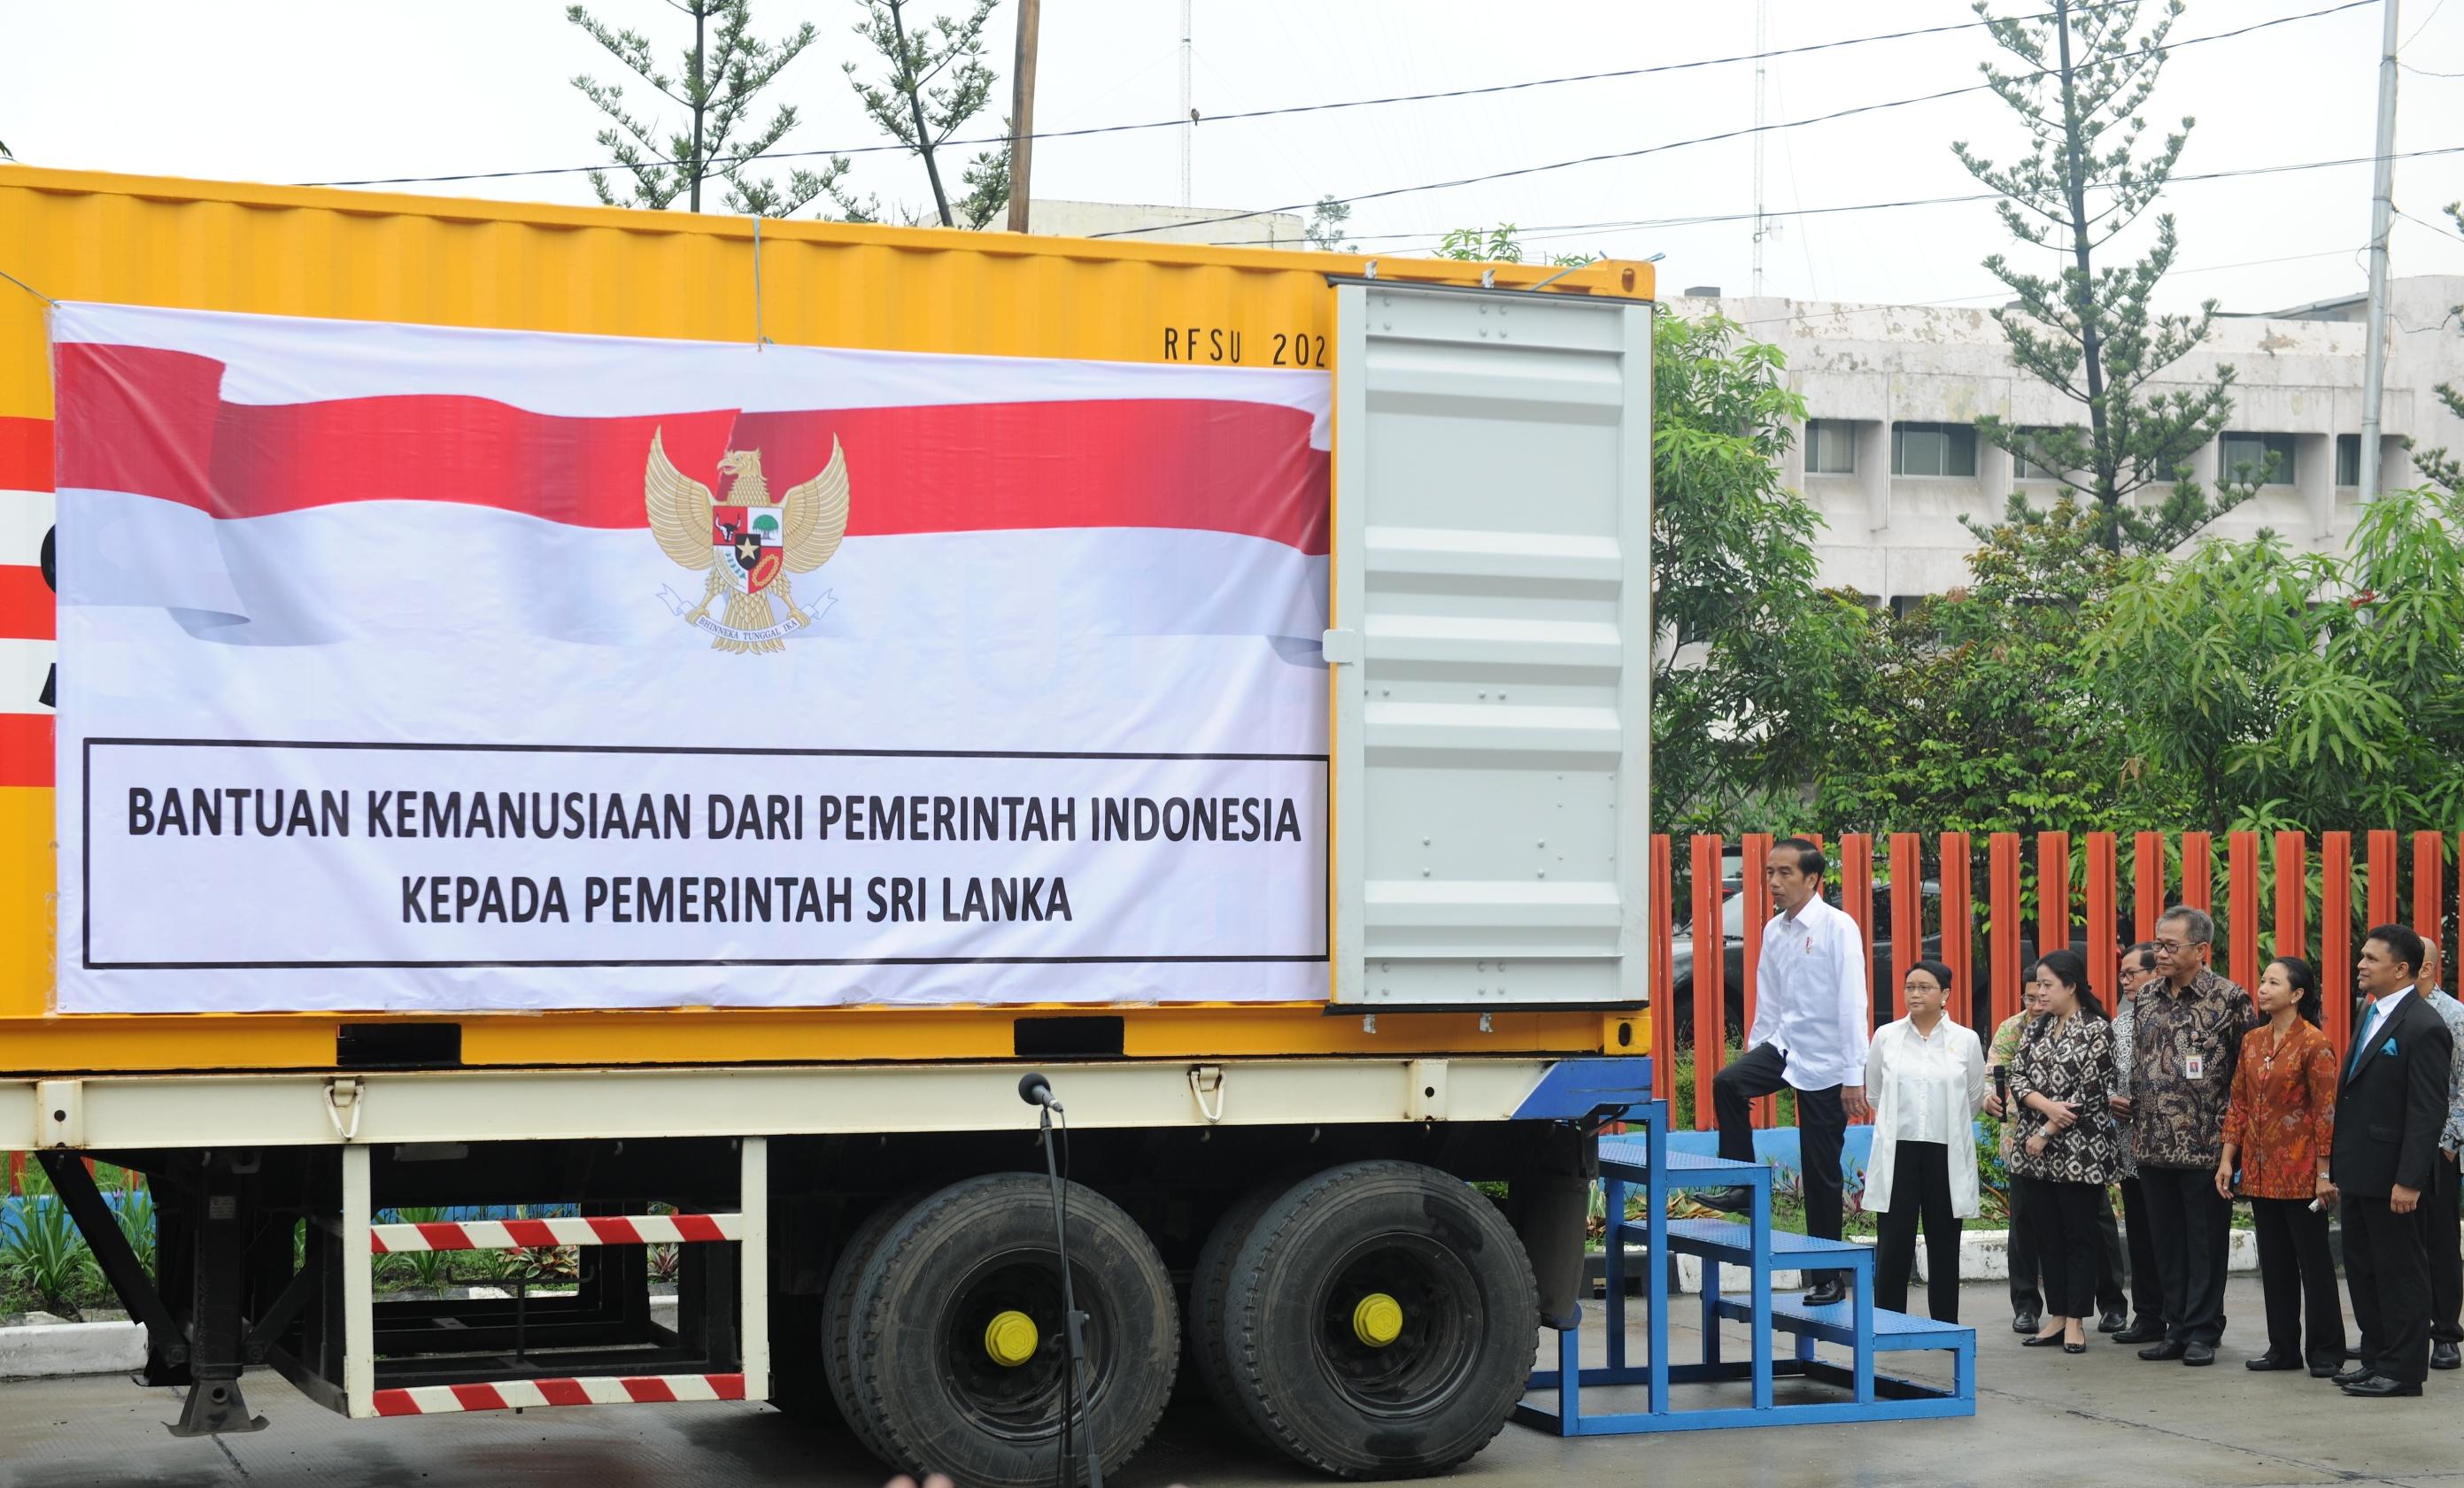 Presiden Jokowi menyaksikan beras bantuan yang akan dikirimkan ke Sri Lanka, sebelum acara pelepasan di Kawasan Pergudangan Sunter Bulog Divre Jakarta, Kelapa Gading, Jakarta, Selasa (14/2) pagi. (Foto: JAY/Humas)